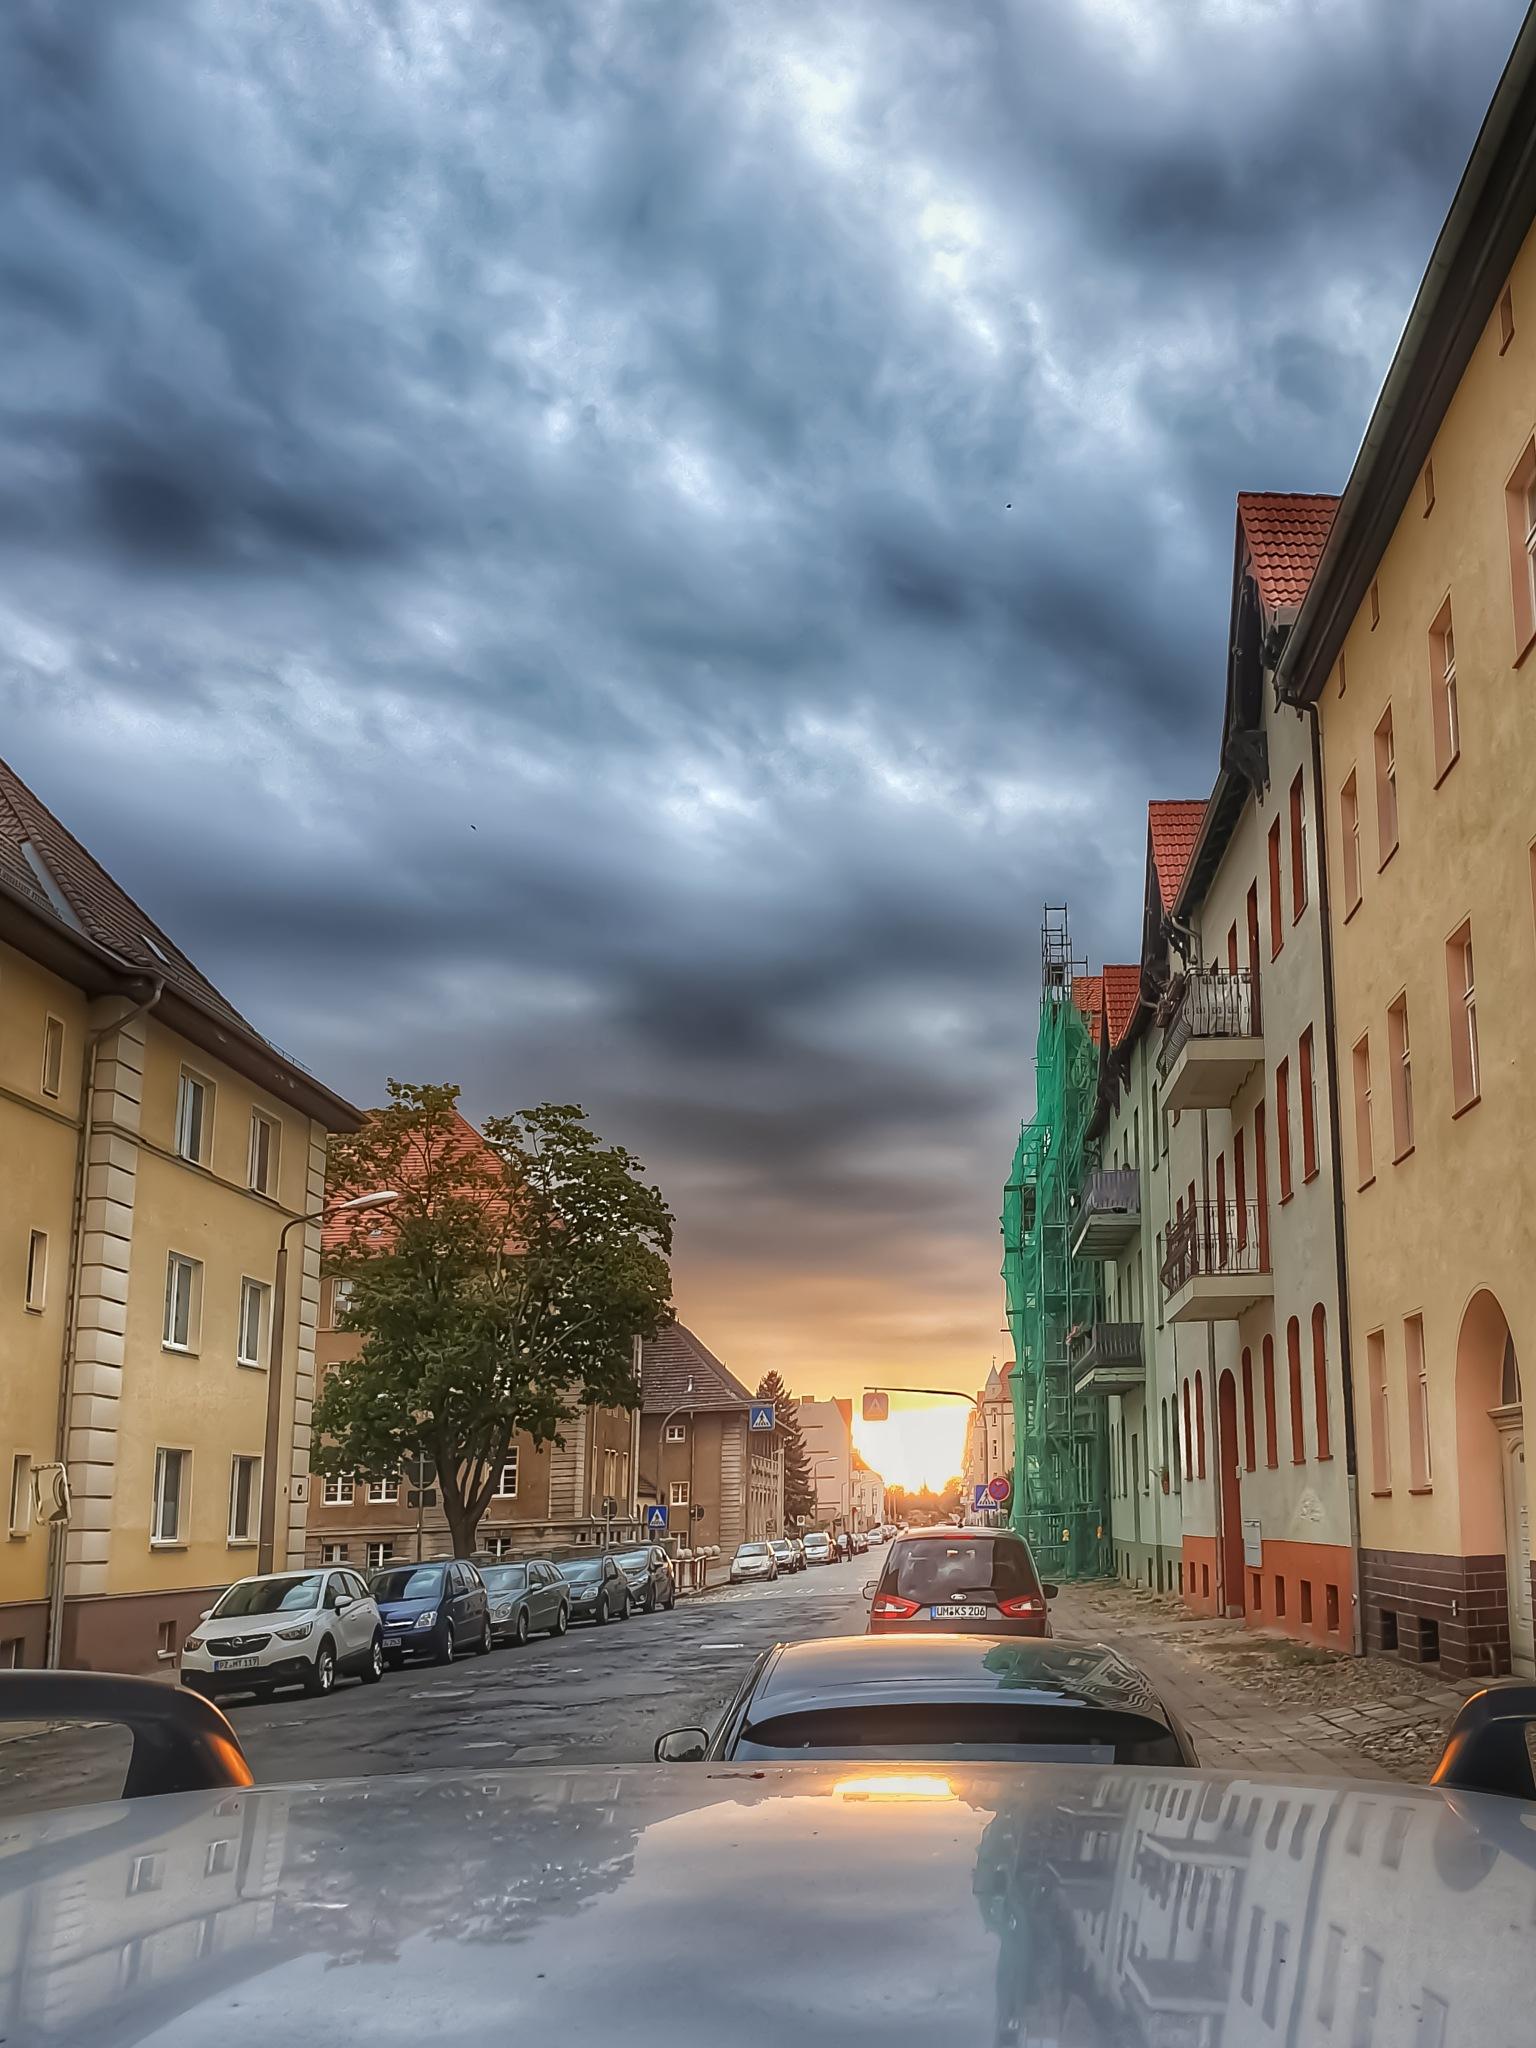 sunset in the City by Sebastian Kamp